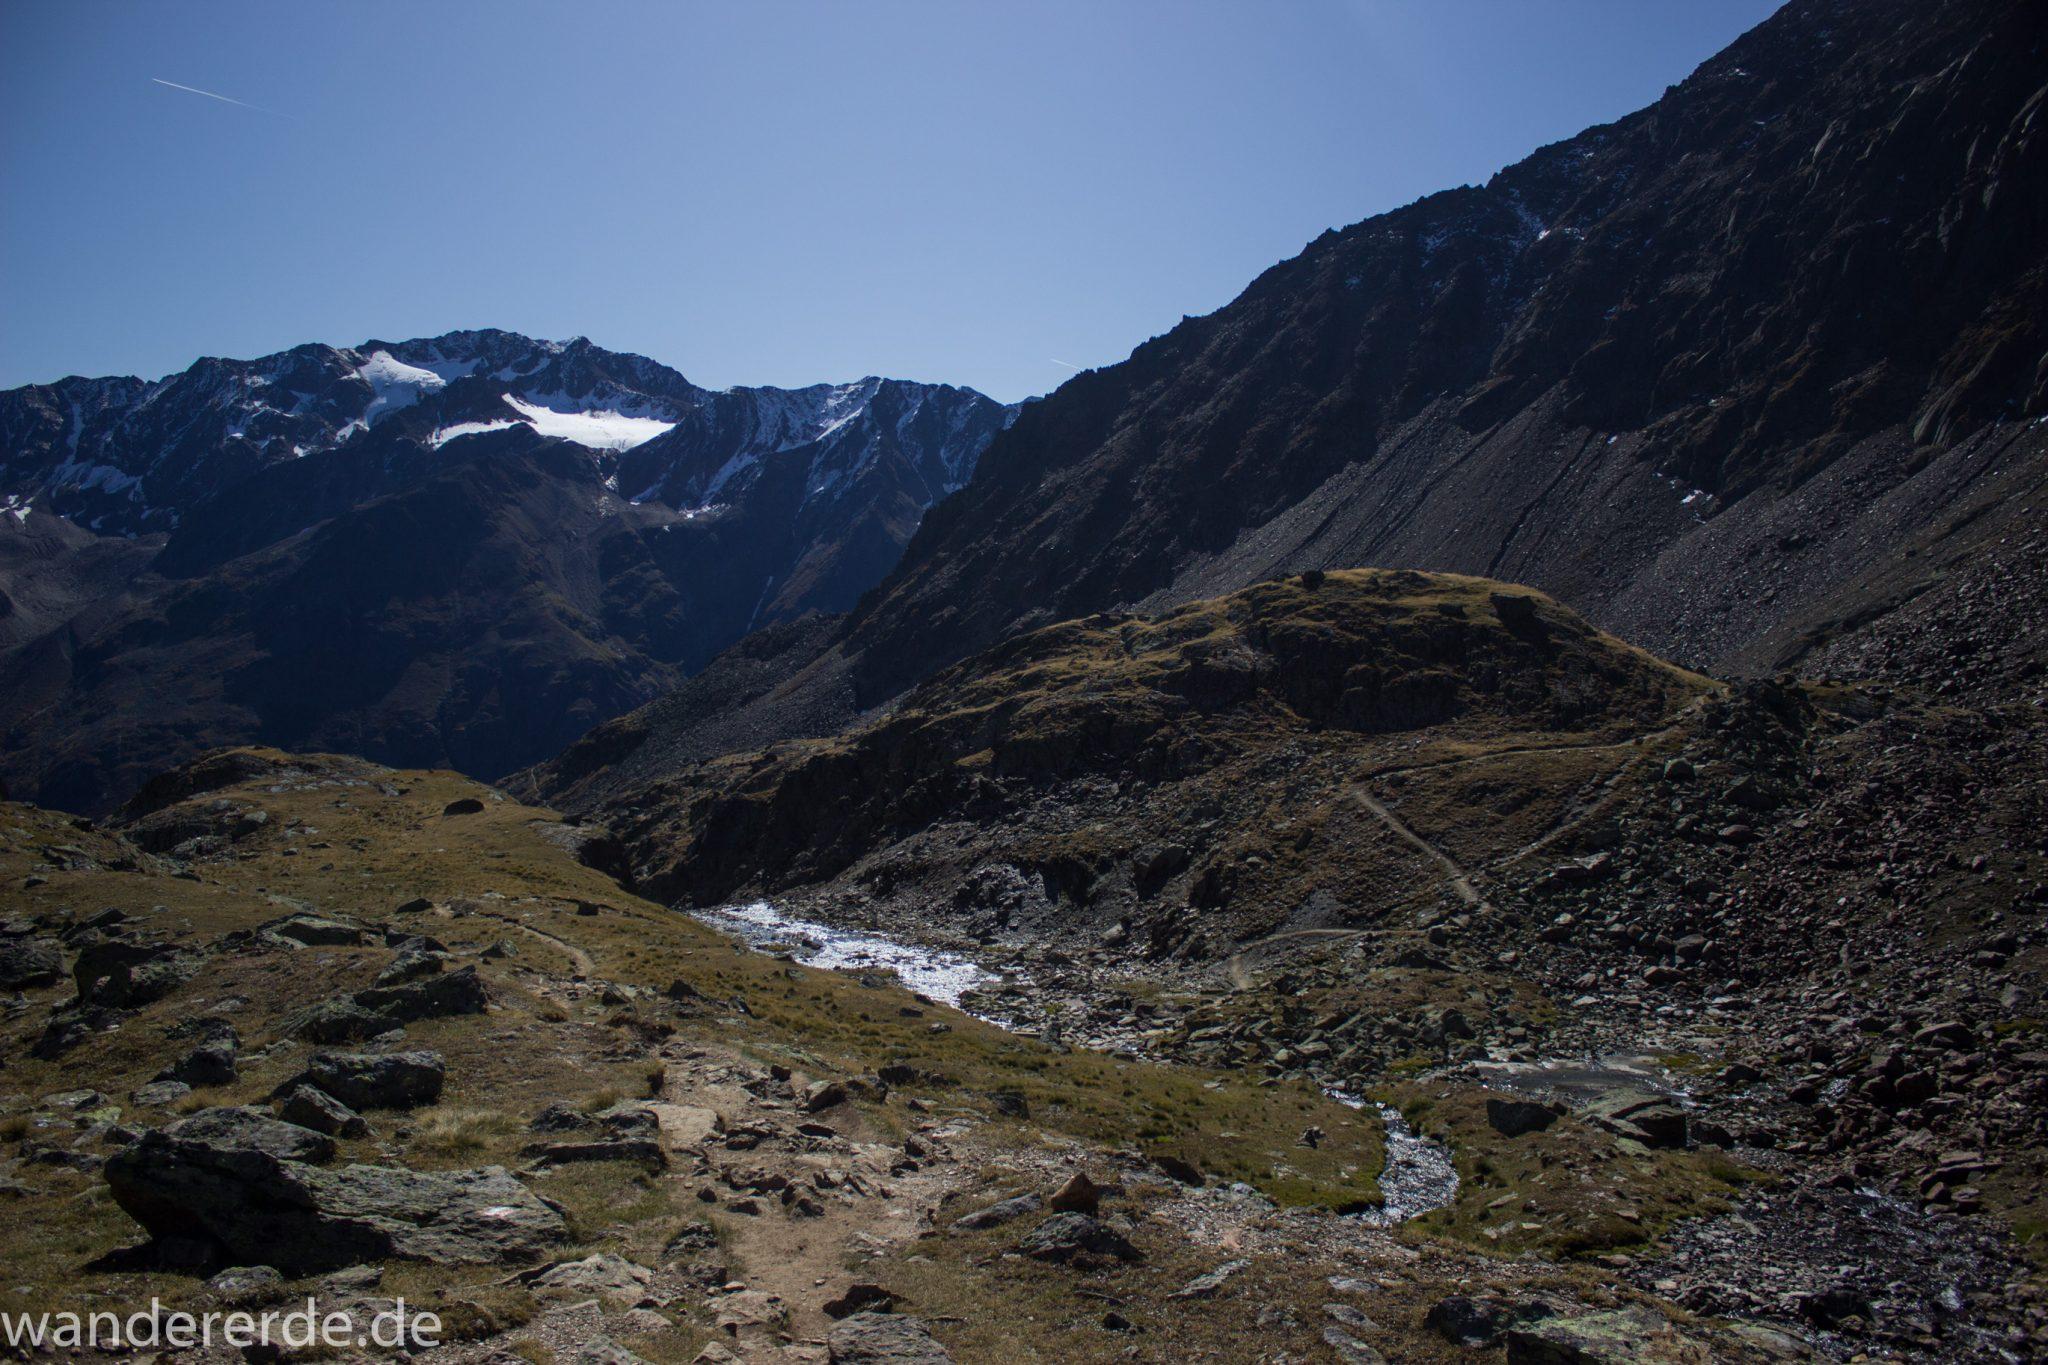 Alpenüberquerung Fernwanderweg E5 Oberstdorf Meran, 5. Etappe von Braunschweiger Hütte zur Martin-Busch-Hütte, Wanderung auf dem neuen Panoramaweg nach Vent dauert 4 Stunden, sehr abwechslungsreiche Wegführung auf schmalem, schönem Wanderweg, Zeit vergeht schnell, immer nur kurze Abschnitte ansteigend bergauf, dann wieder bergab, zauberhafte Ausblicke auf die umliegenden Berge und ins Tal, herrliches Wetter zum Wandern bei strahlendem Sonnenschein, Blick auf Hochebene mit kleinem Bach und Wanderweg